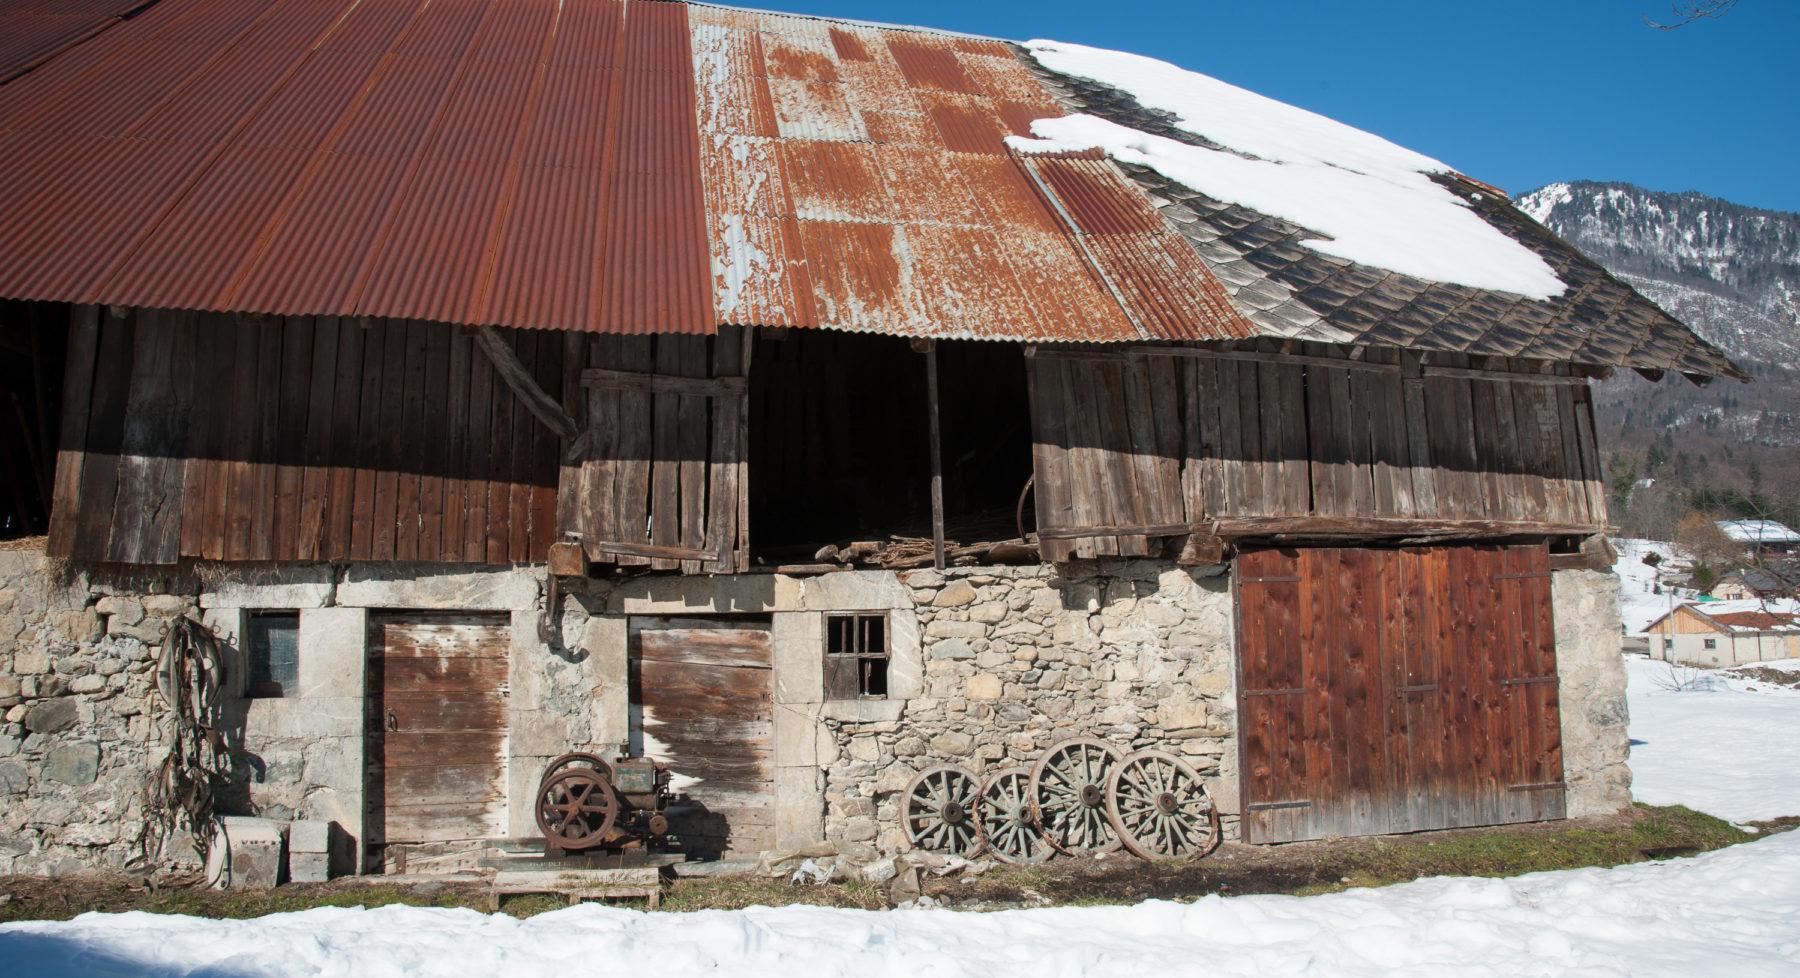 Grange étable à Cléry dans le massif des Bauges